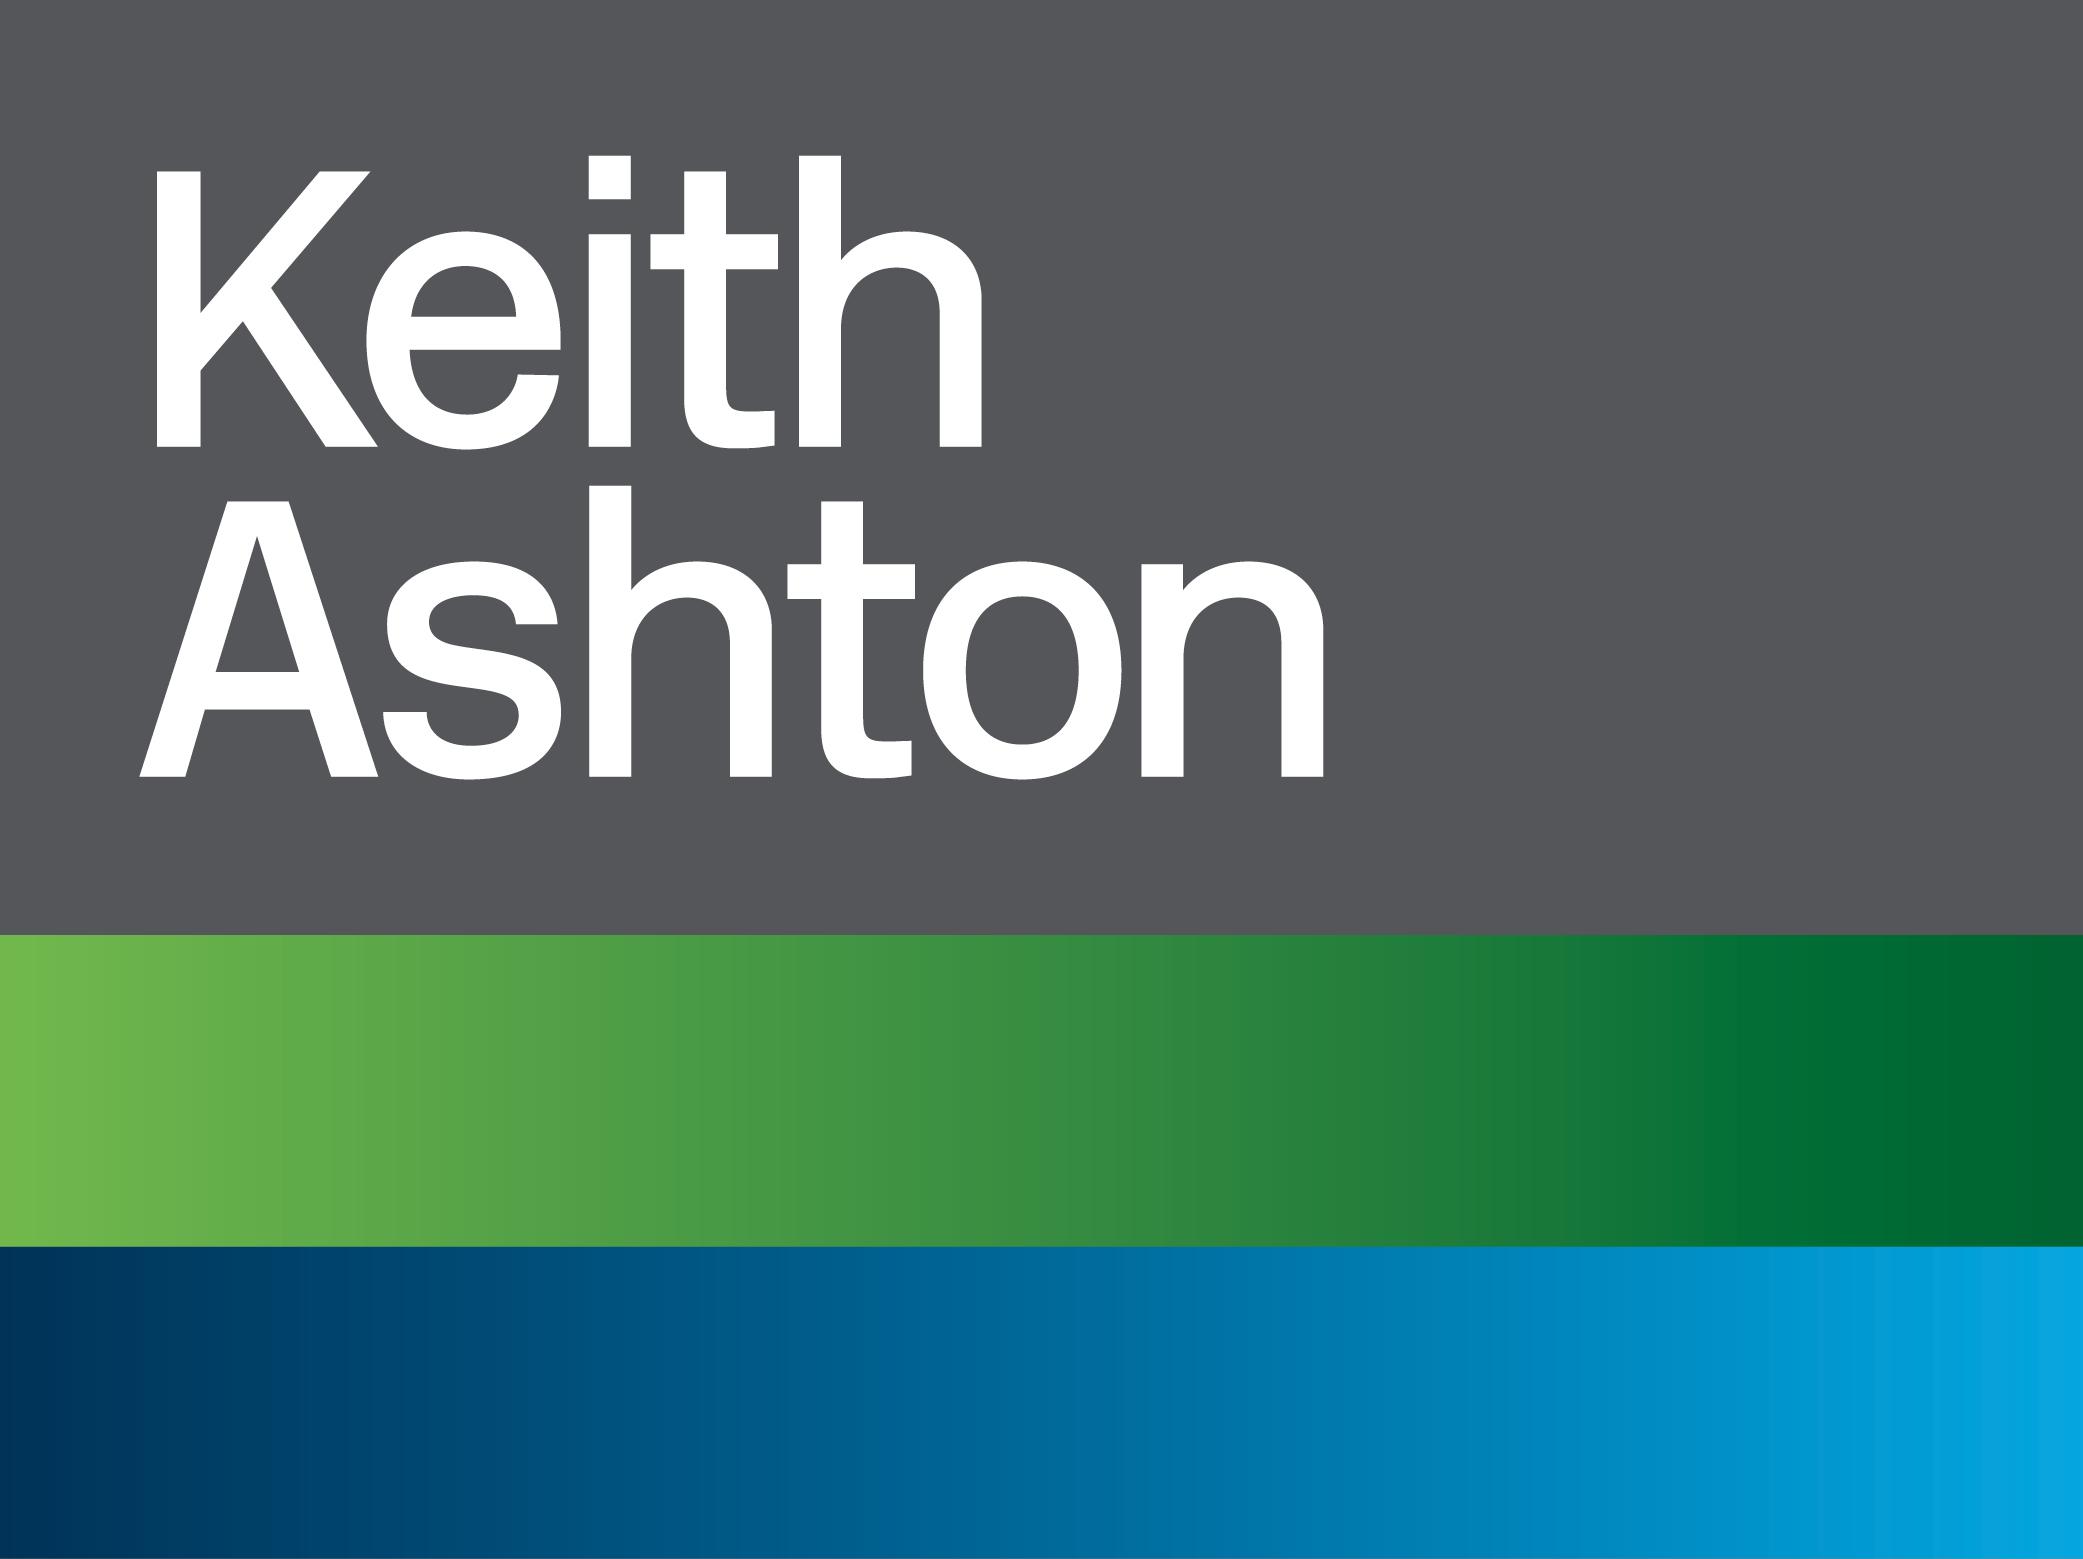 Keith Ashton Estates